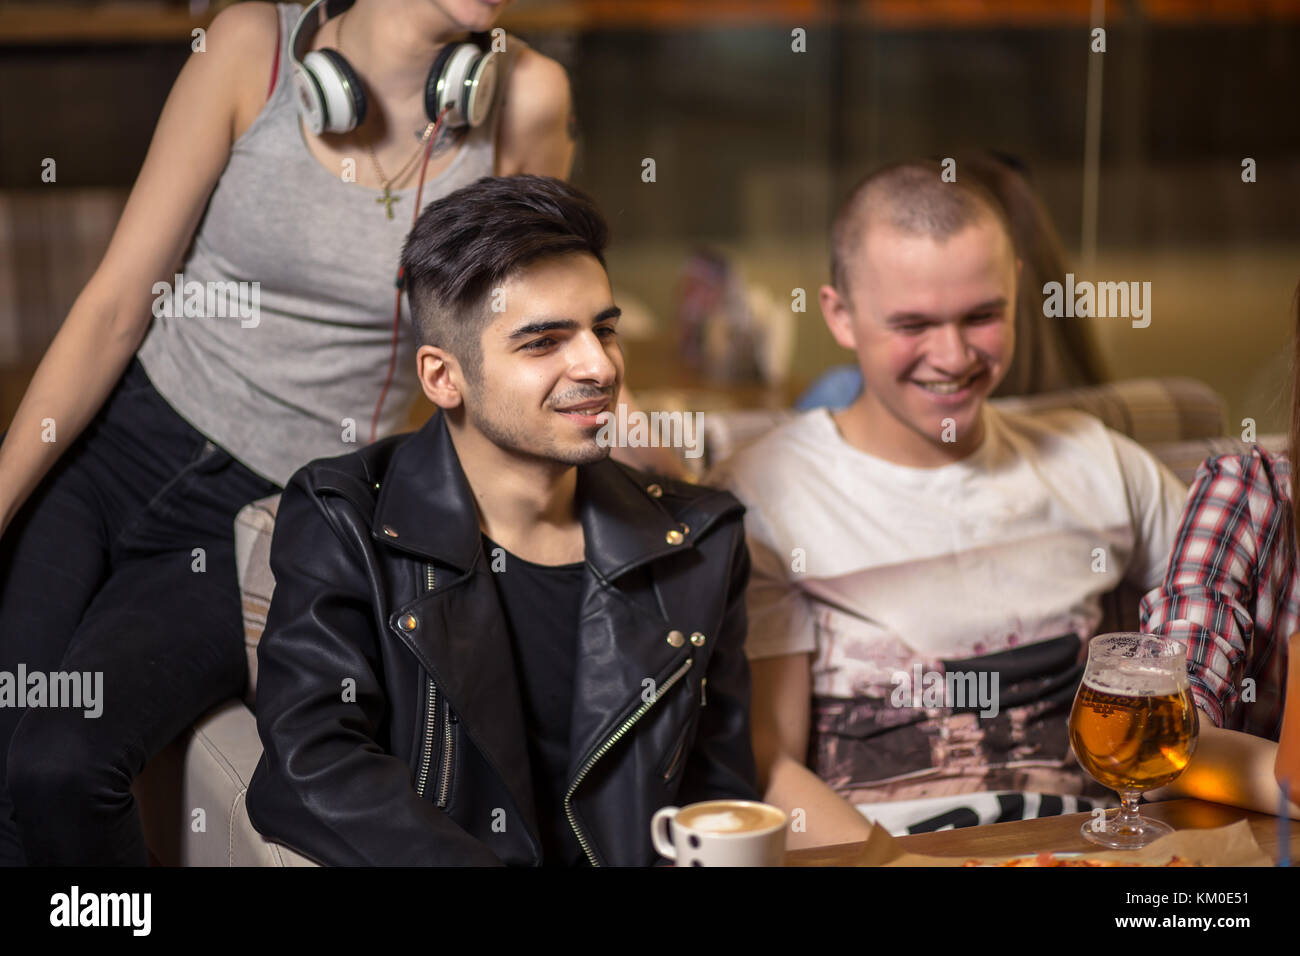 Gruppe von Menschen trinken Kaffee im Cafe Konzept Stockbild